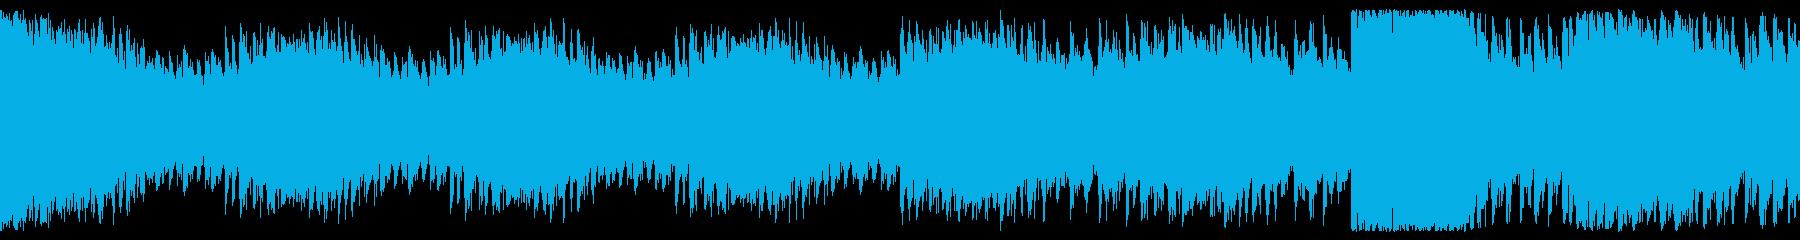 ちょっと緊張感のある幻想的なループ音楽の再生済みの波形